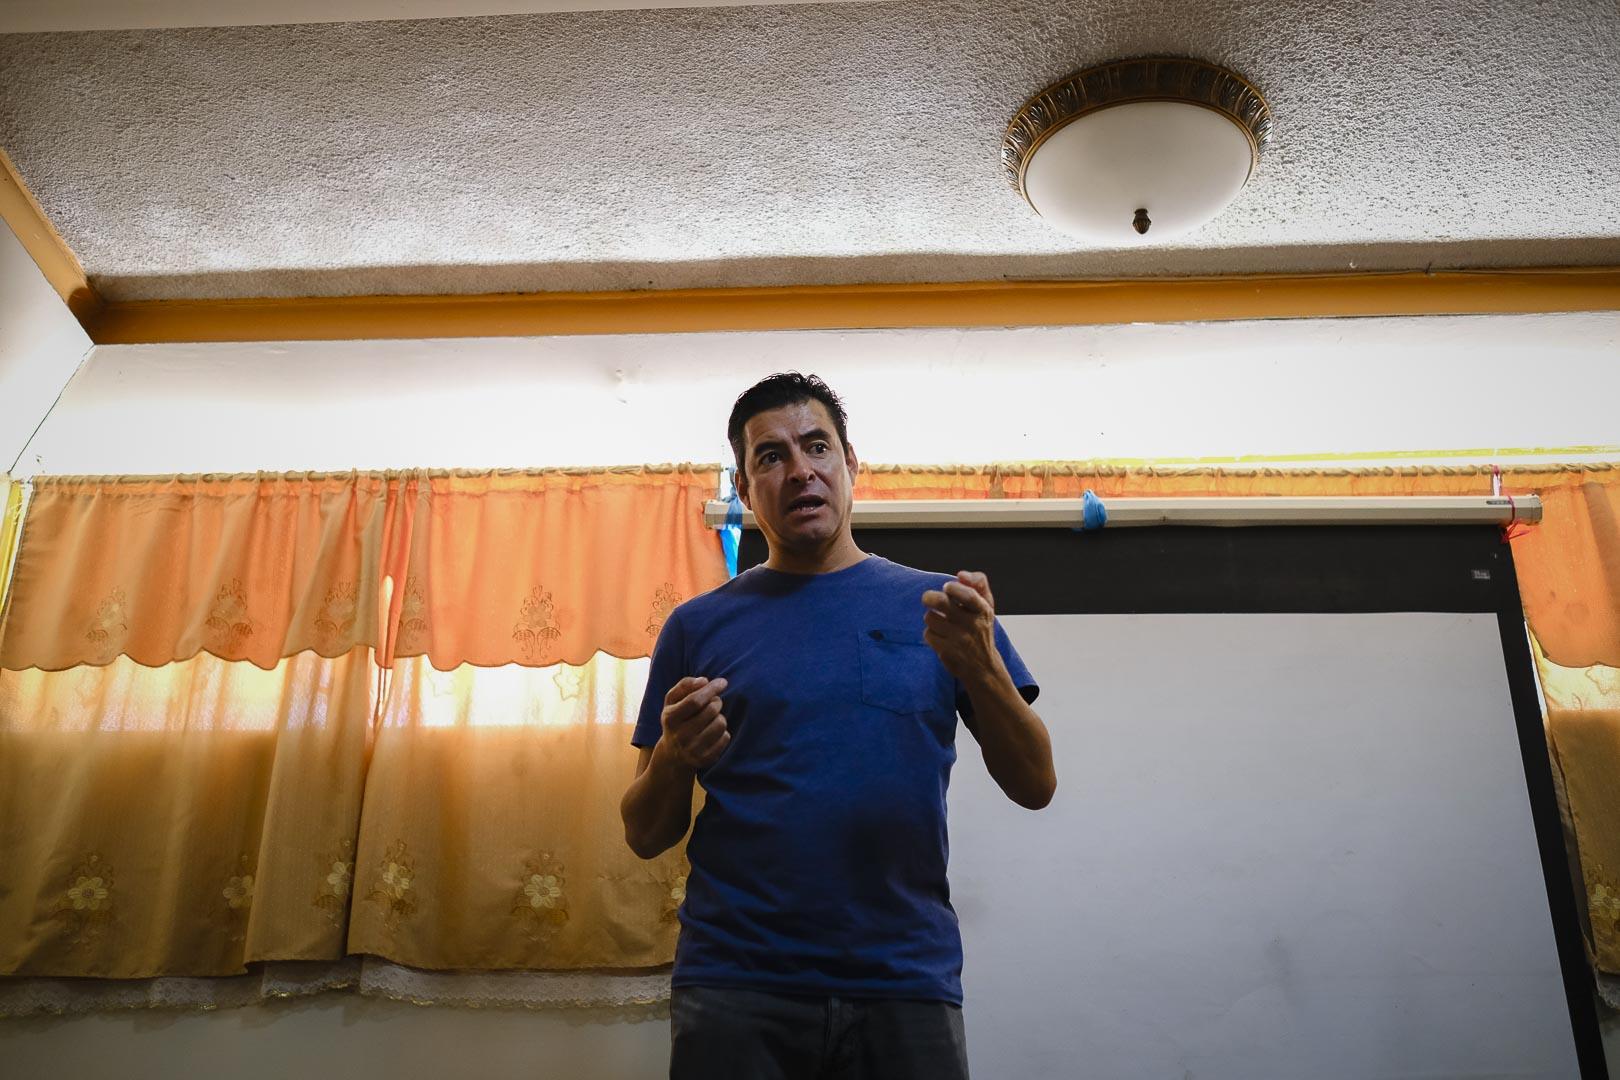 Huhuetenango: Del fútbol a la lucha por la transparencia